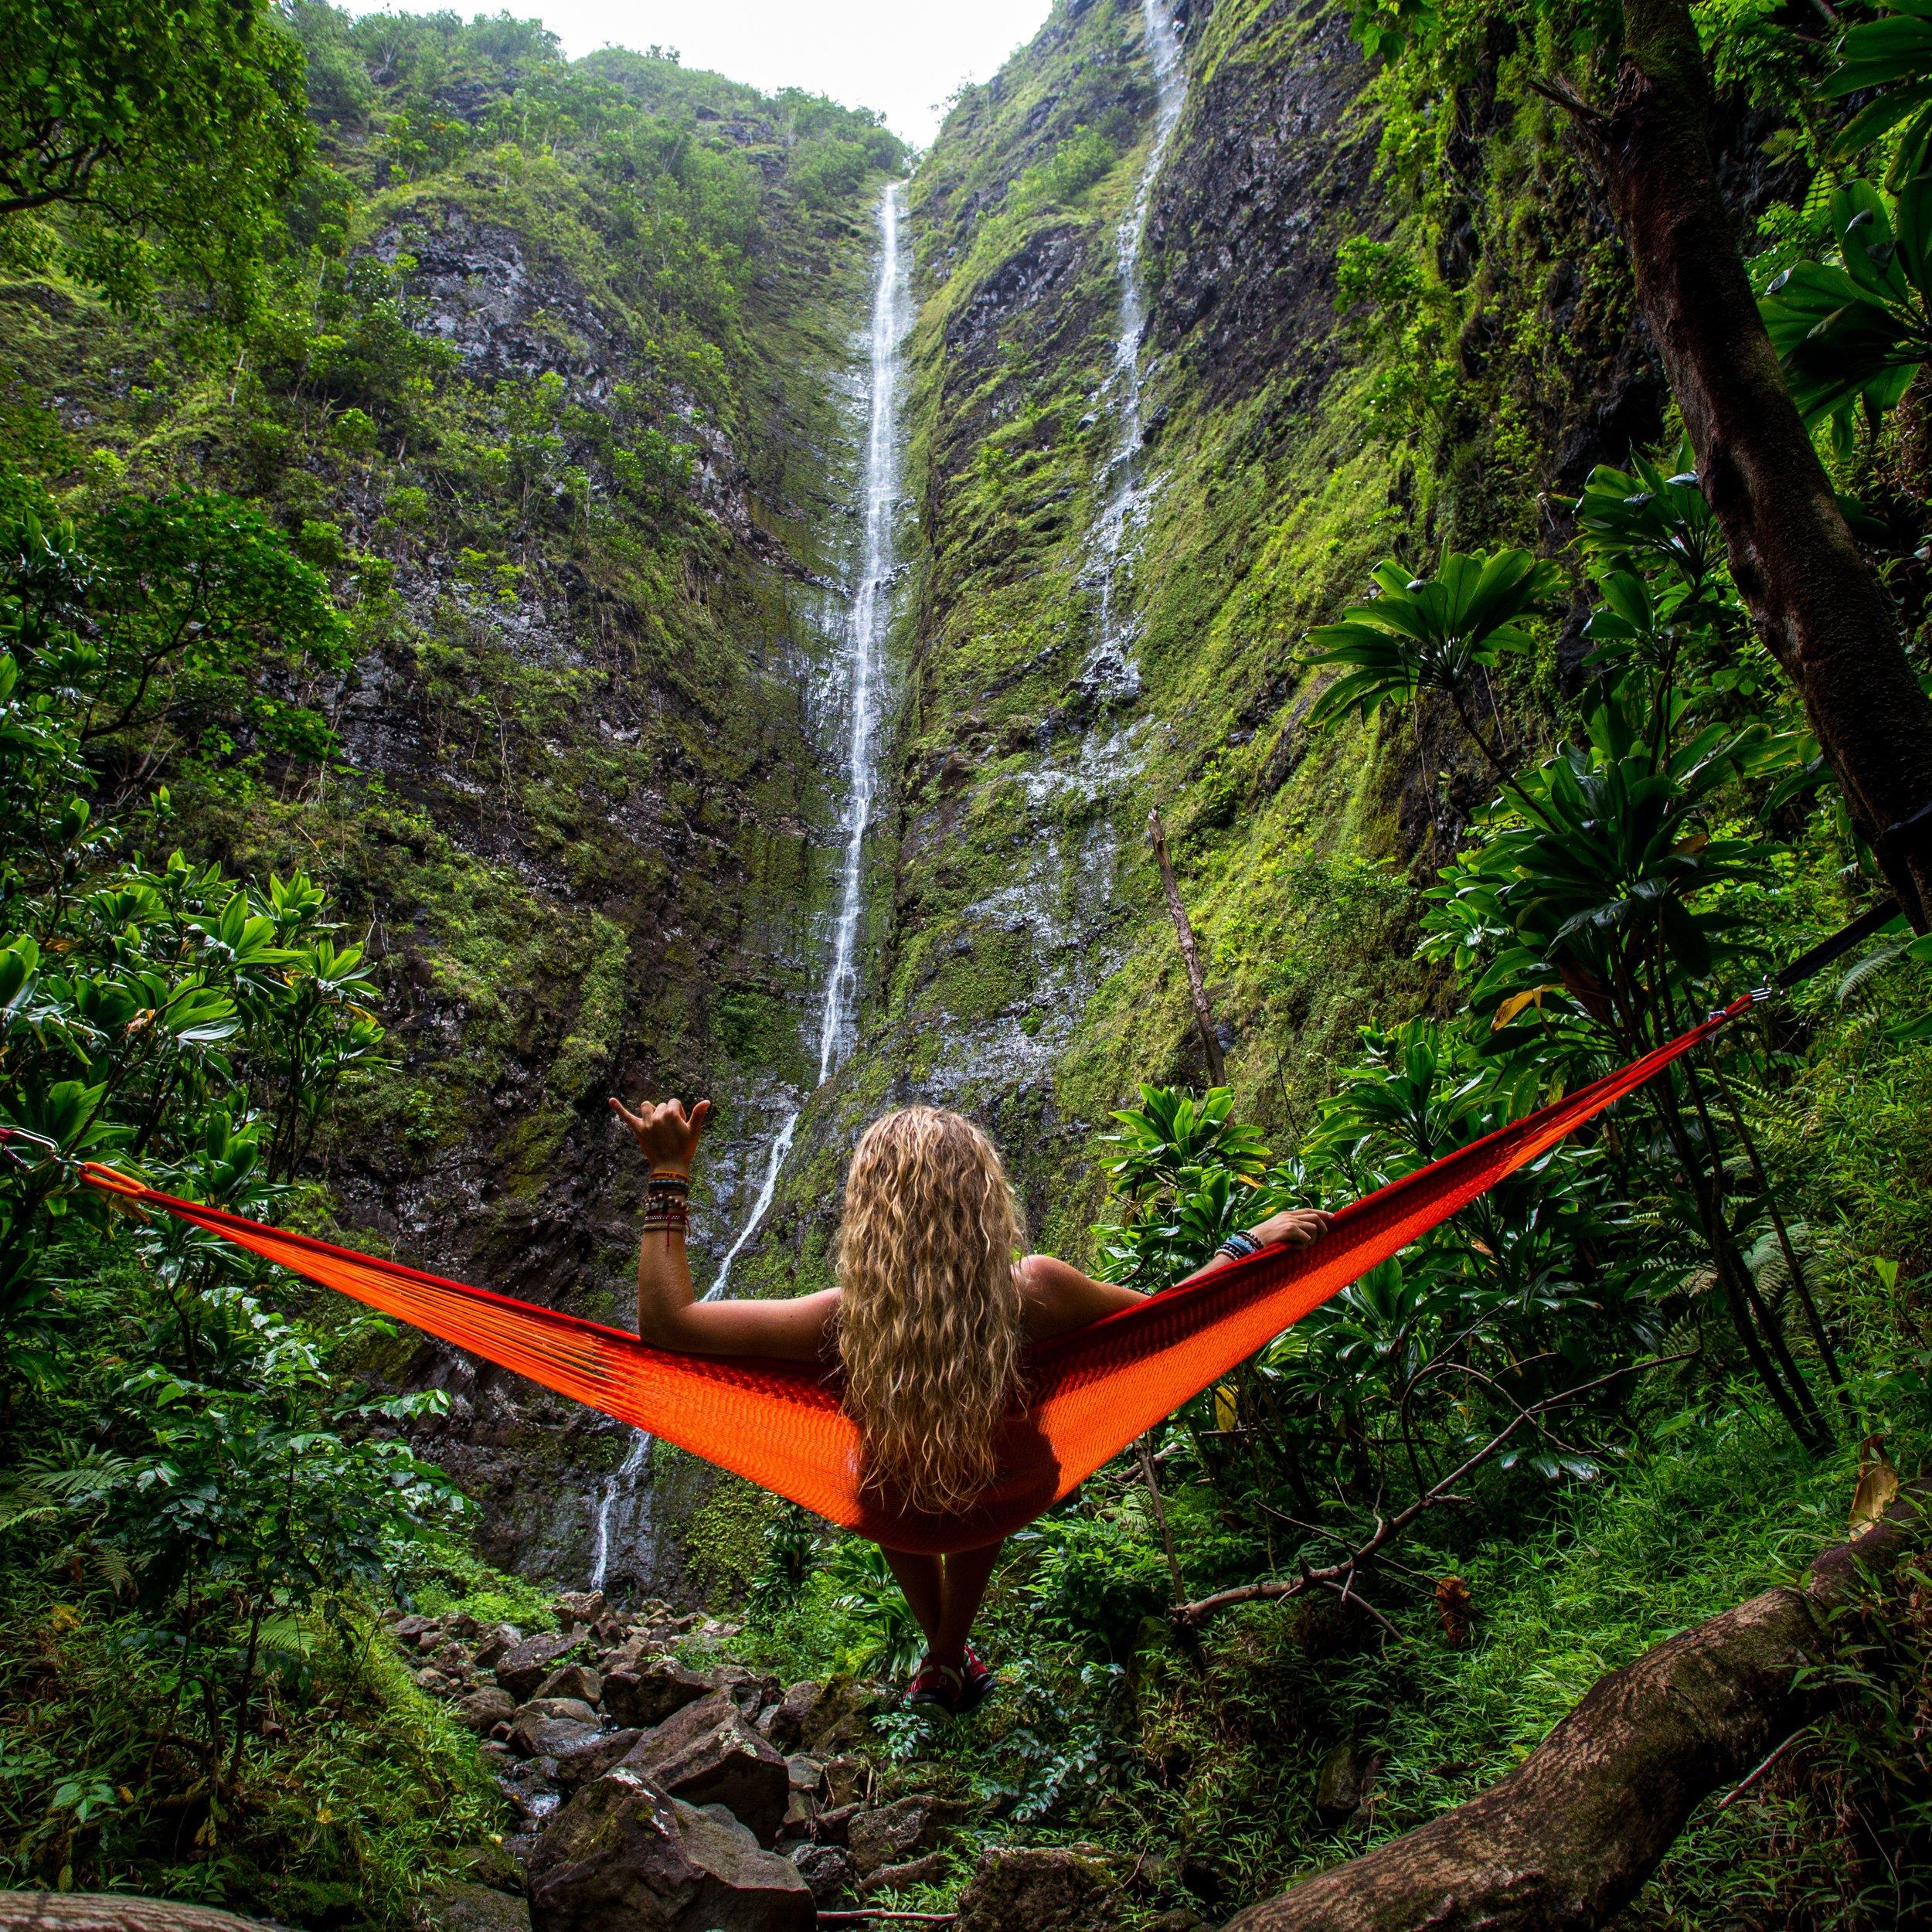 Woman on hammock looking down valley.jpg